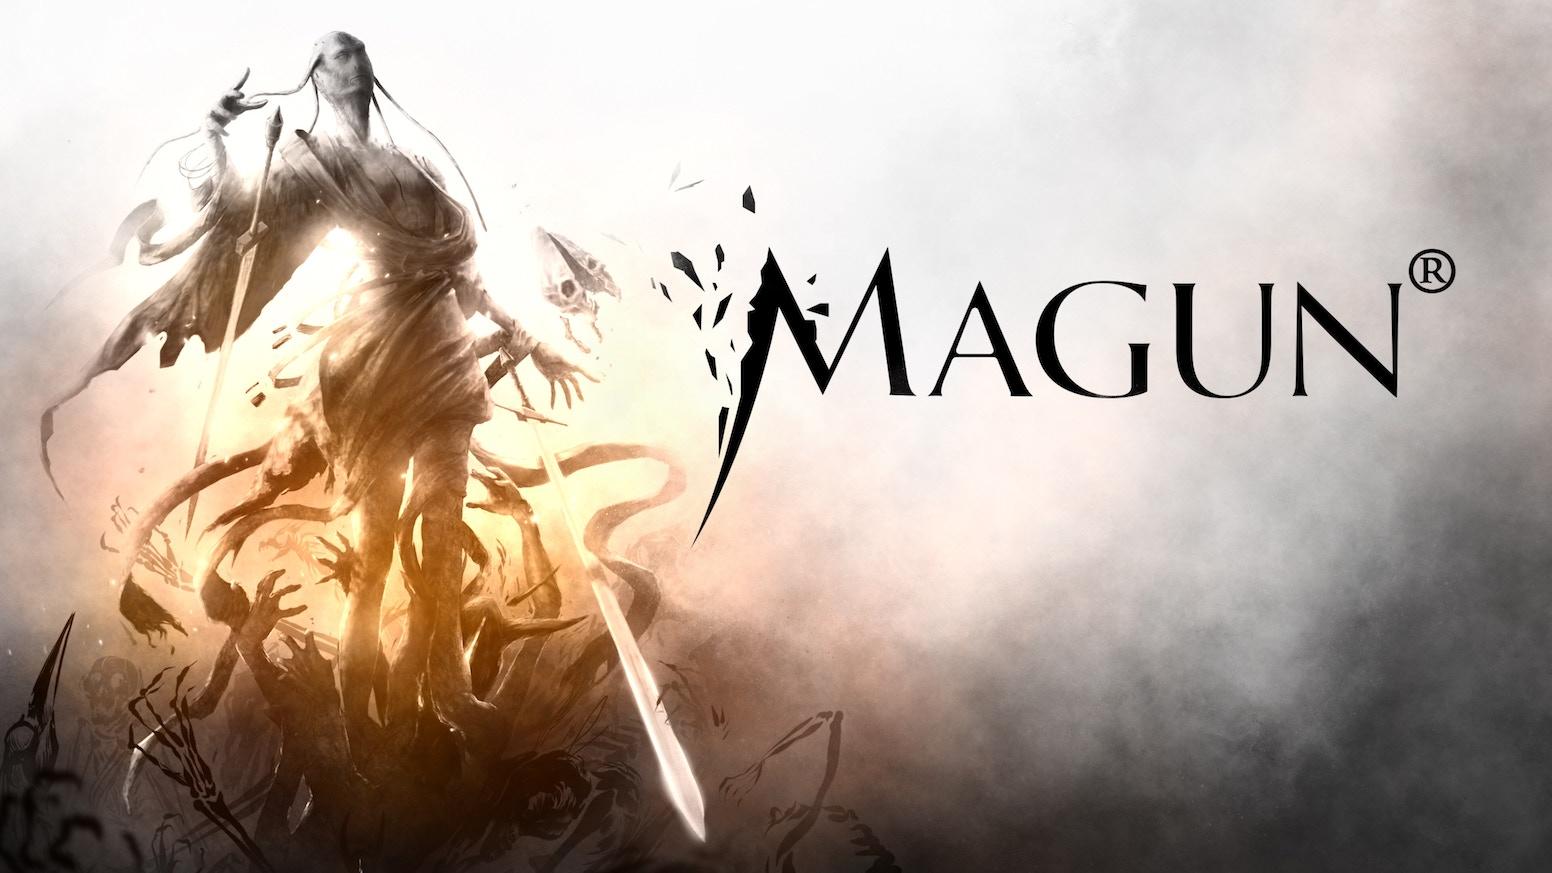 Ein Fantasy P&P Rollenspiel mit einem Hauch von Horror, einer lebendigen Geister- und Dämonenwelt und neuen Völkern erwartet Dich.